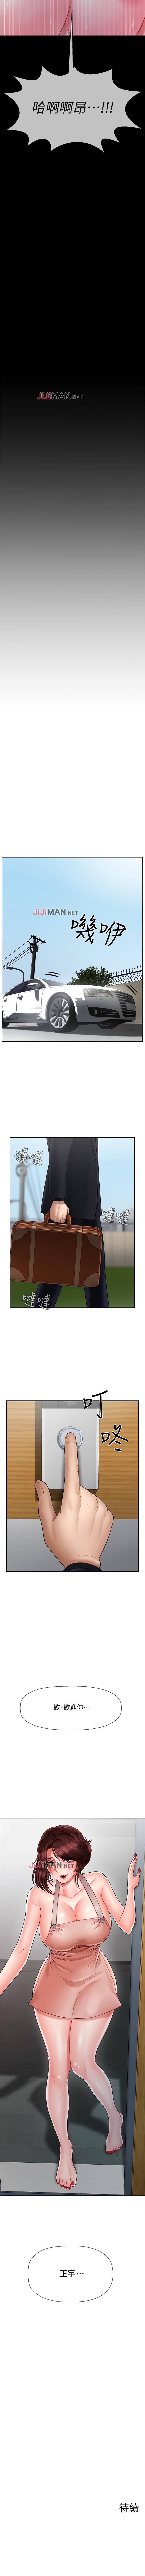 【已休刊】坏老师(作者:朴世談&福) 第1~31话 127